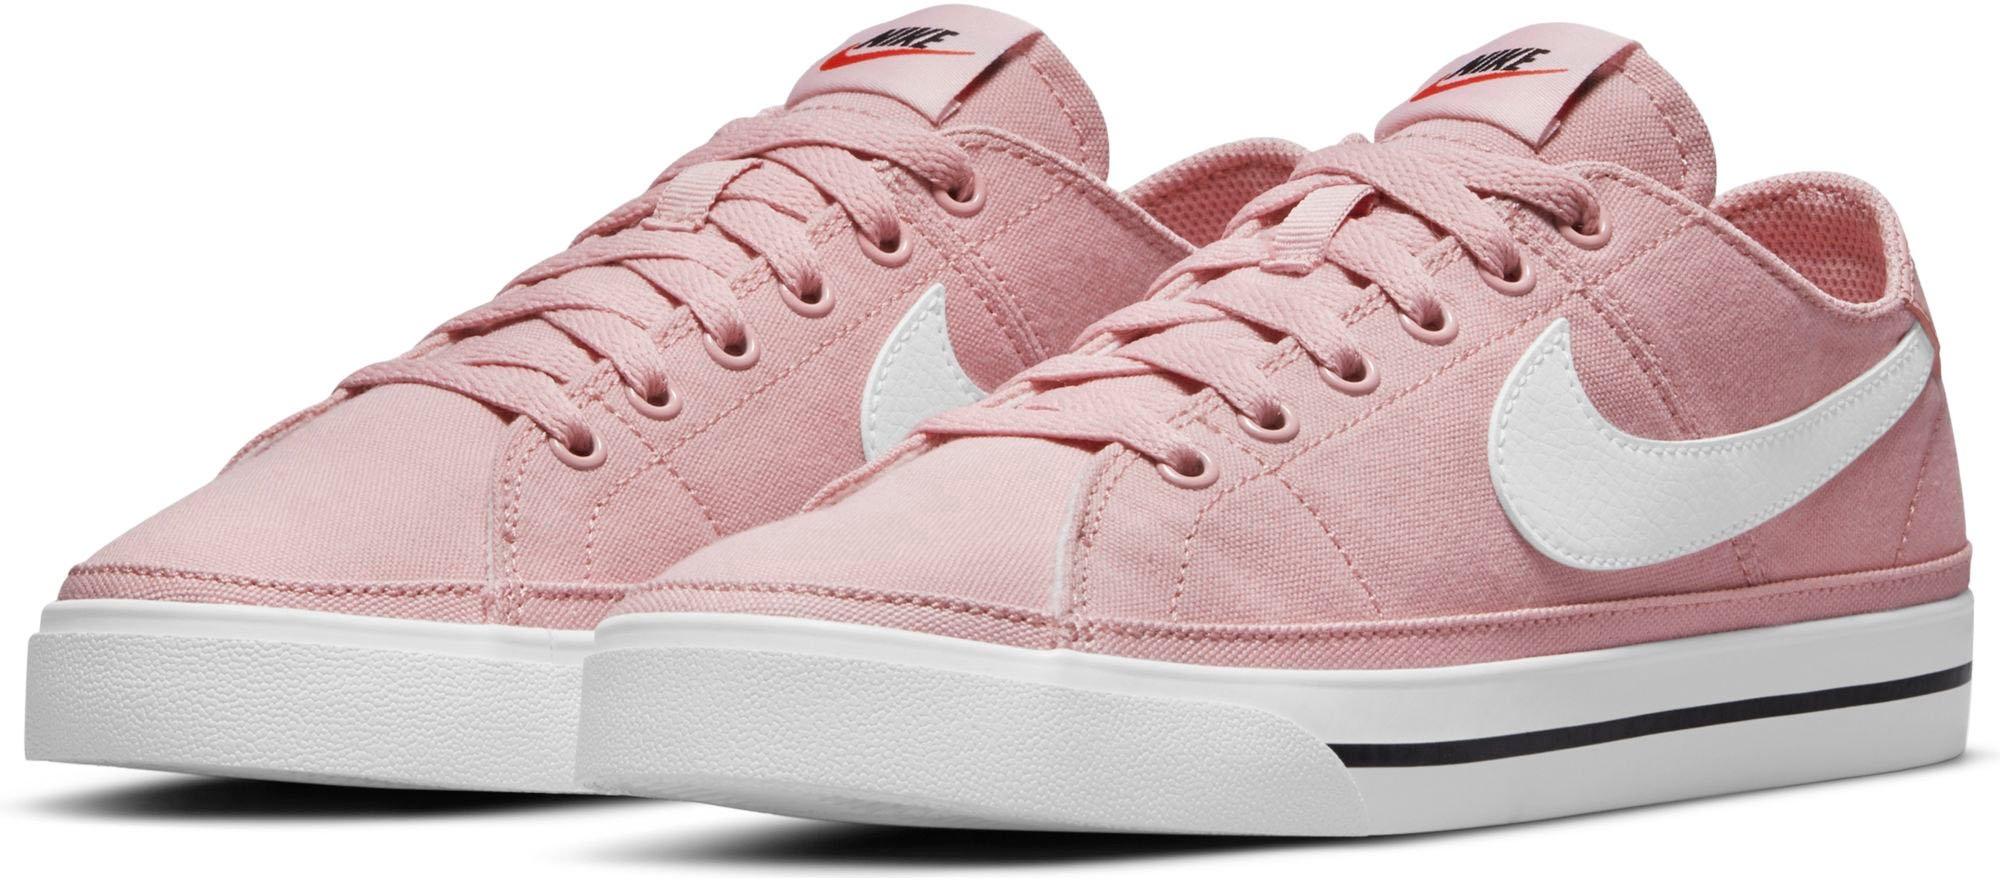 Nike Sportswear sneakers COURT LEGACY CANVAS bestellen: 30 dagen bedenktijd